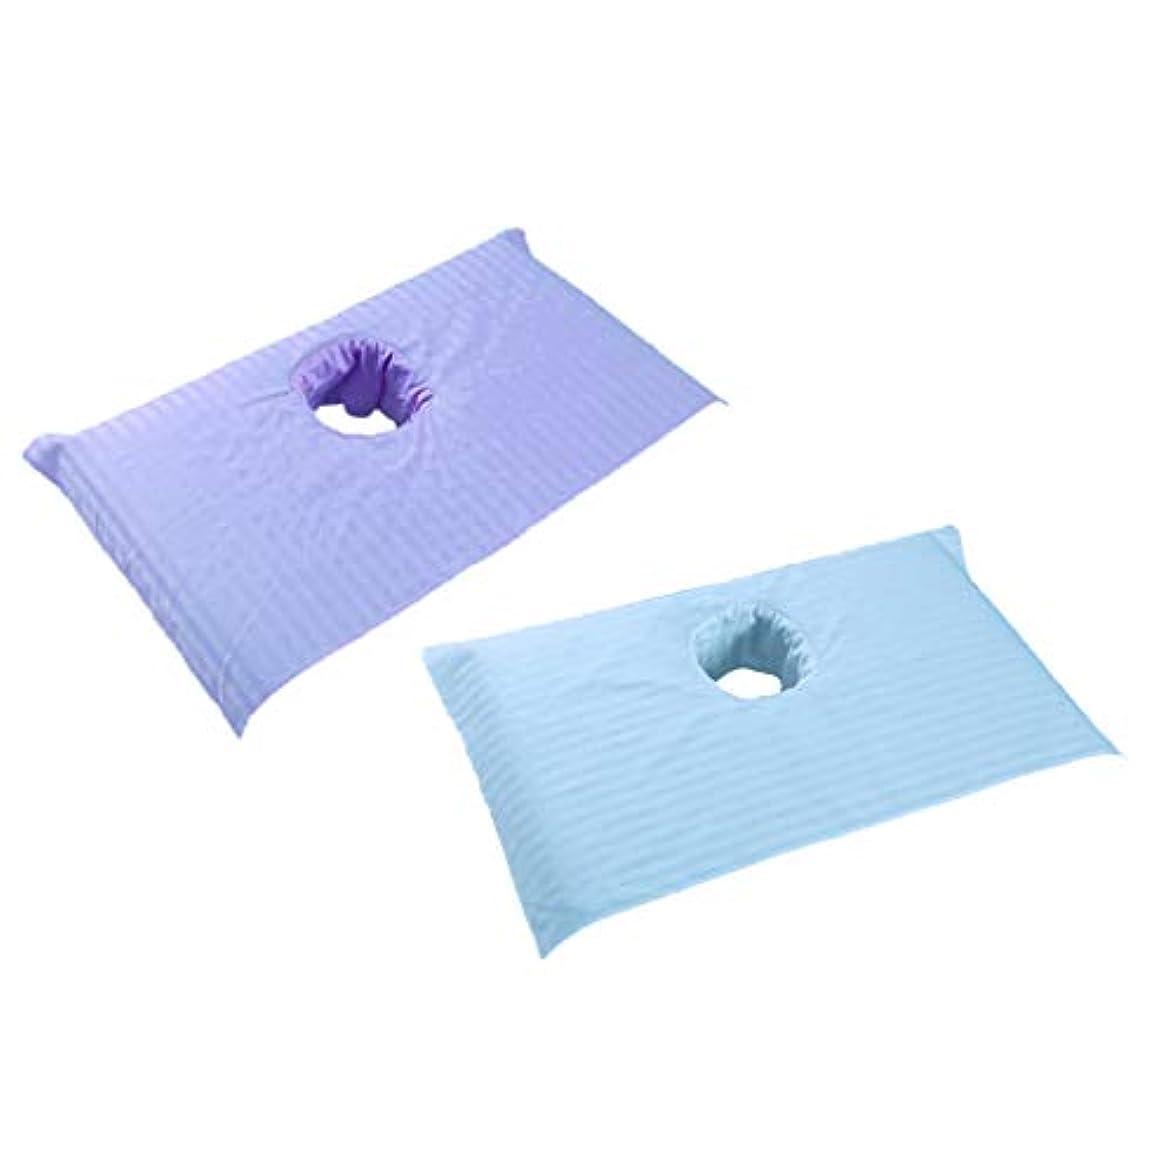 回転させる社会主義者使用法FutuHome 2枚の柔らかい綿の美のマッサージの鉱泉の処置のベッドの表紙シート75 X 55cmのパック